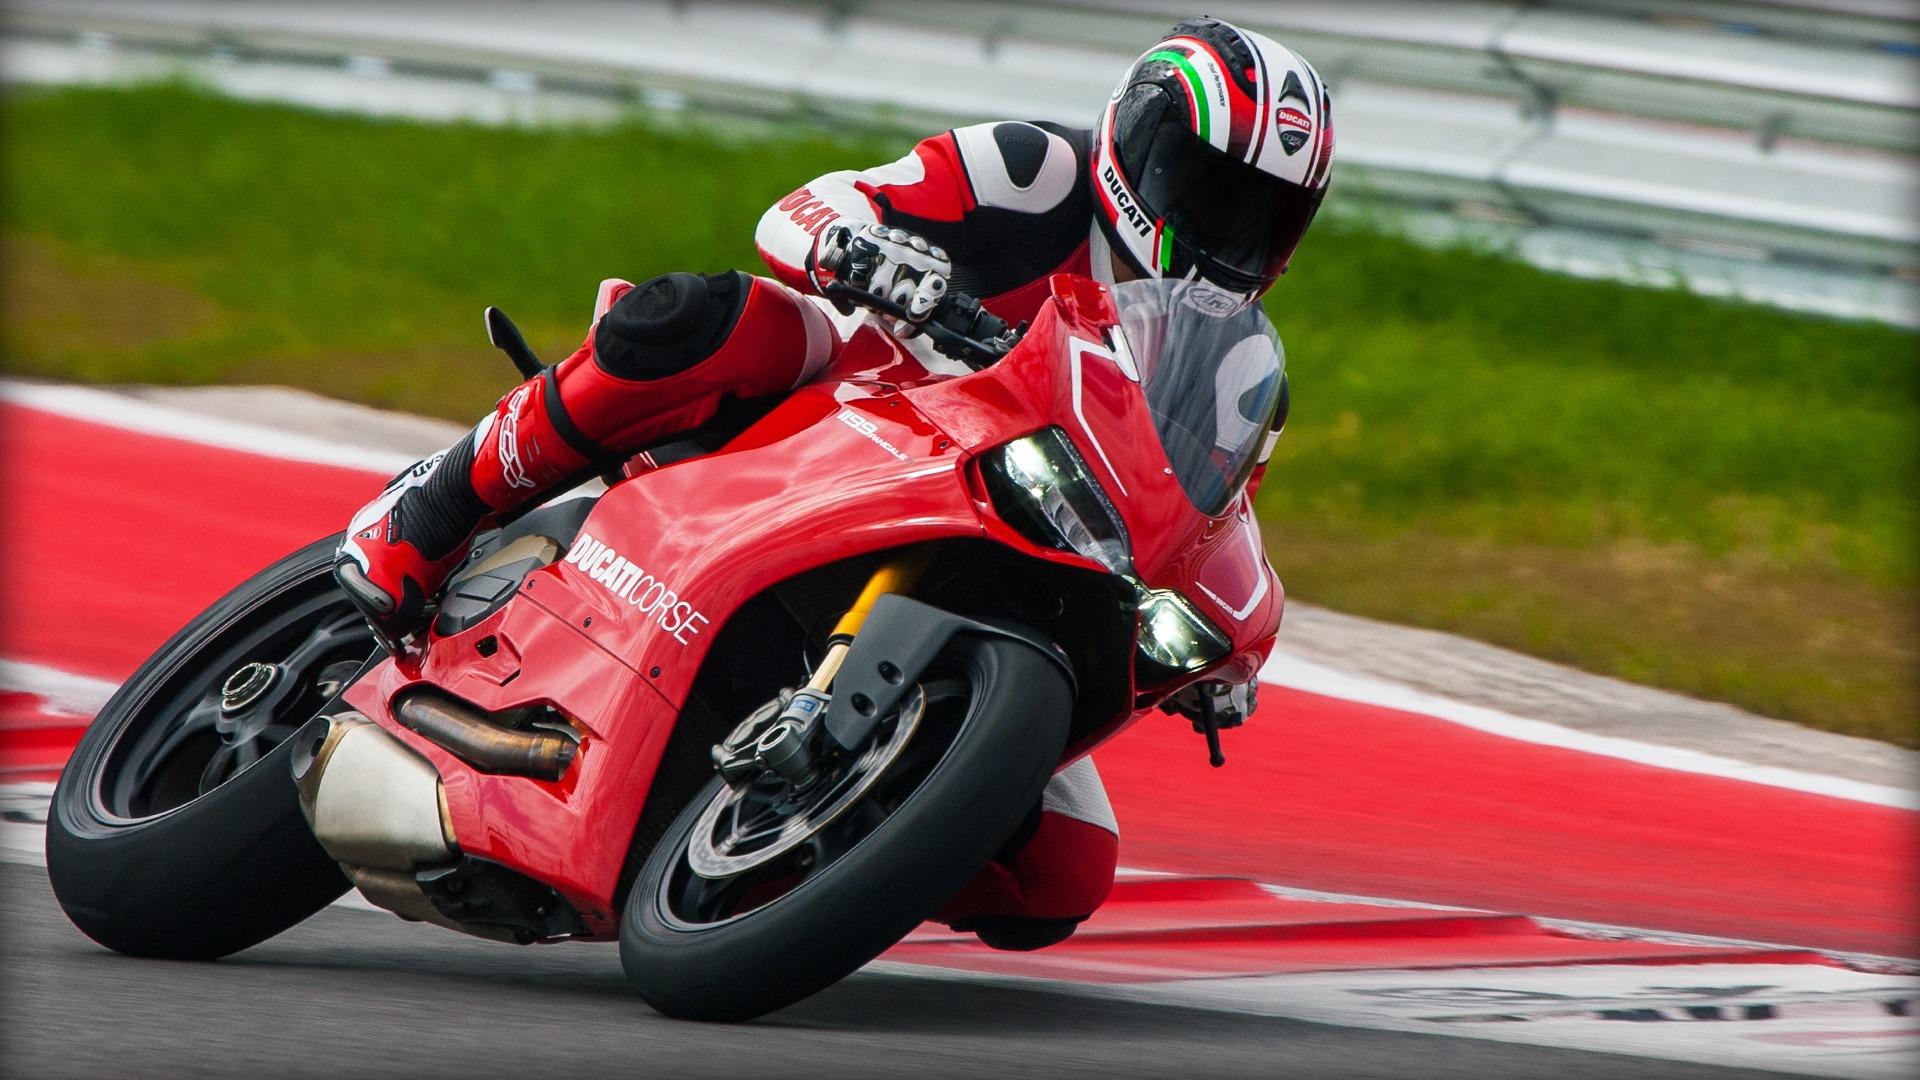 Wallpaper Car Honda Ducati 2013 Motorsport Motorcycling Land